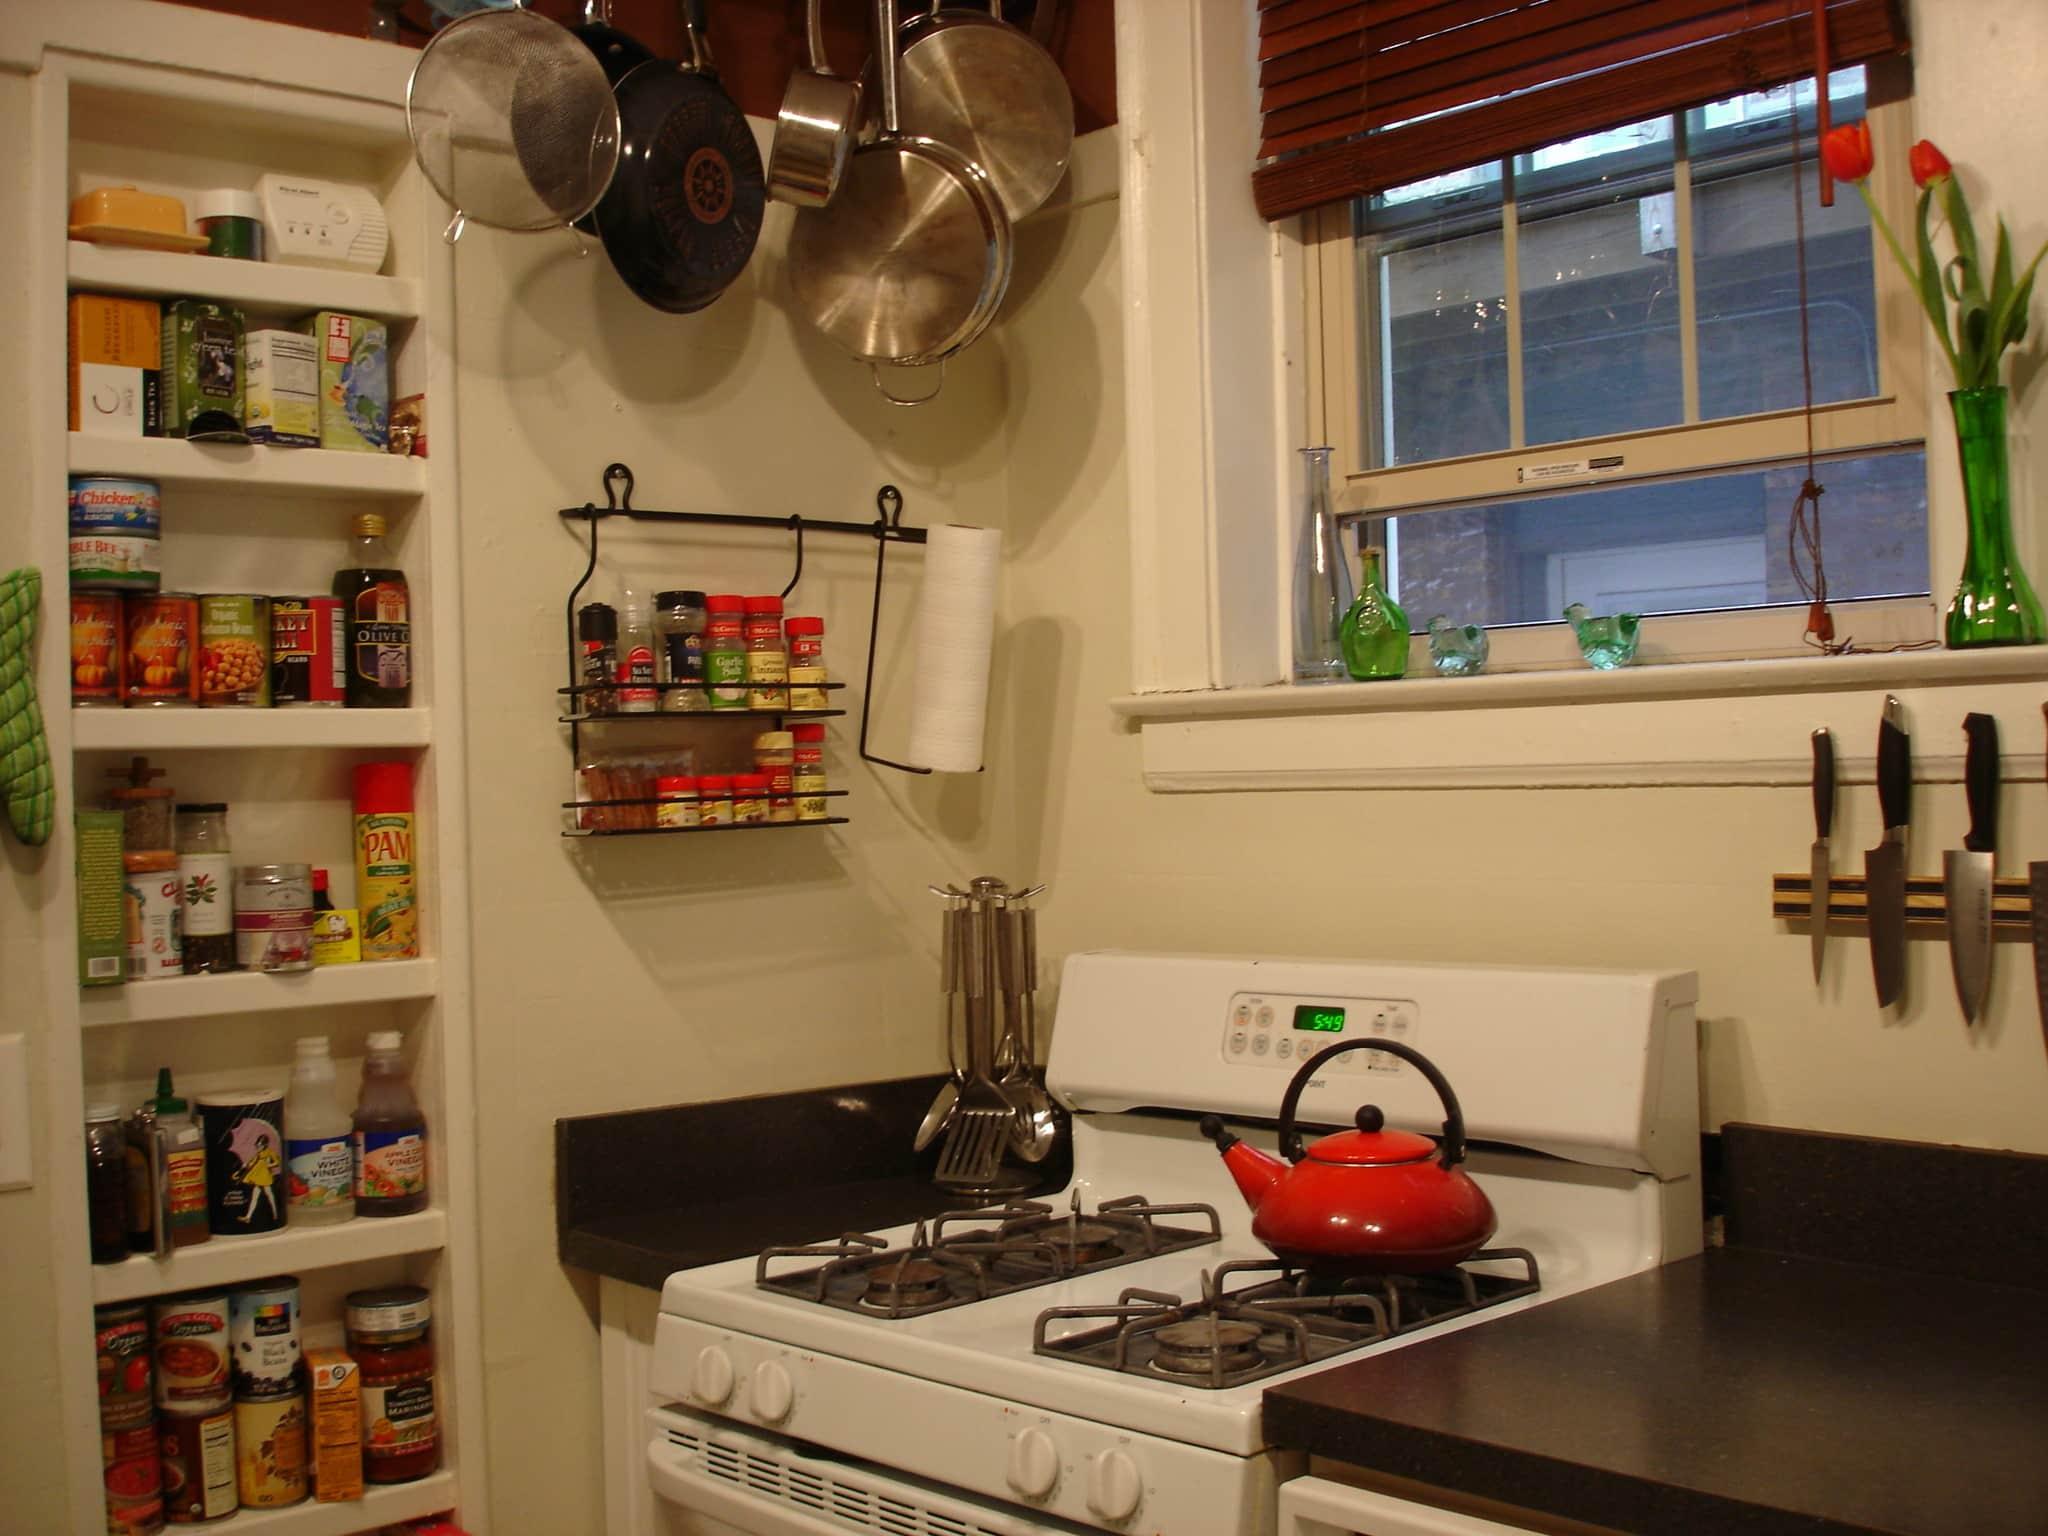 Alex's Cheery Chicago Kitchen: gallery image 2